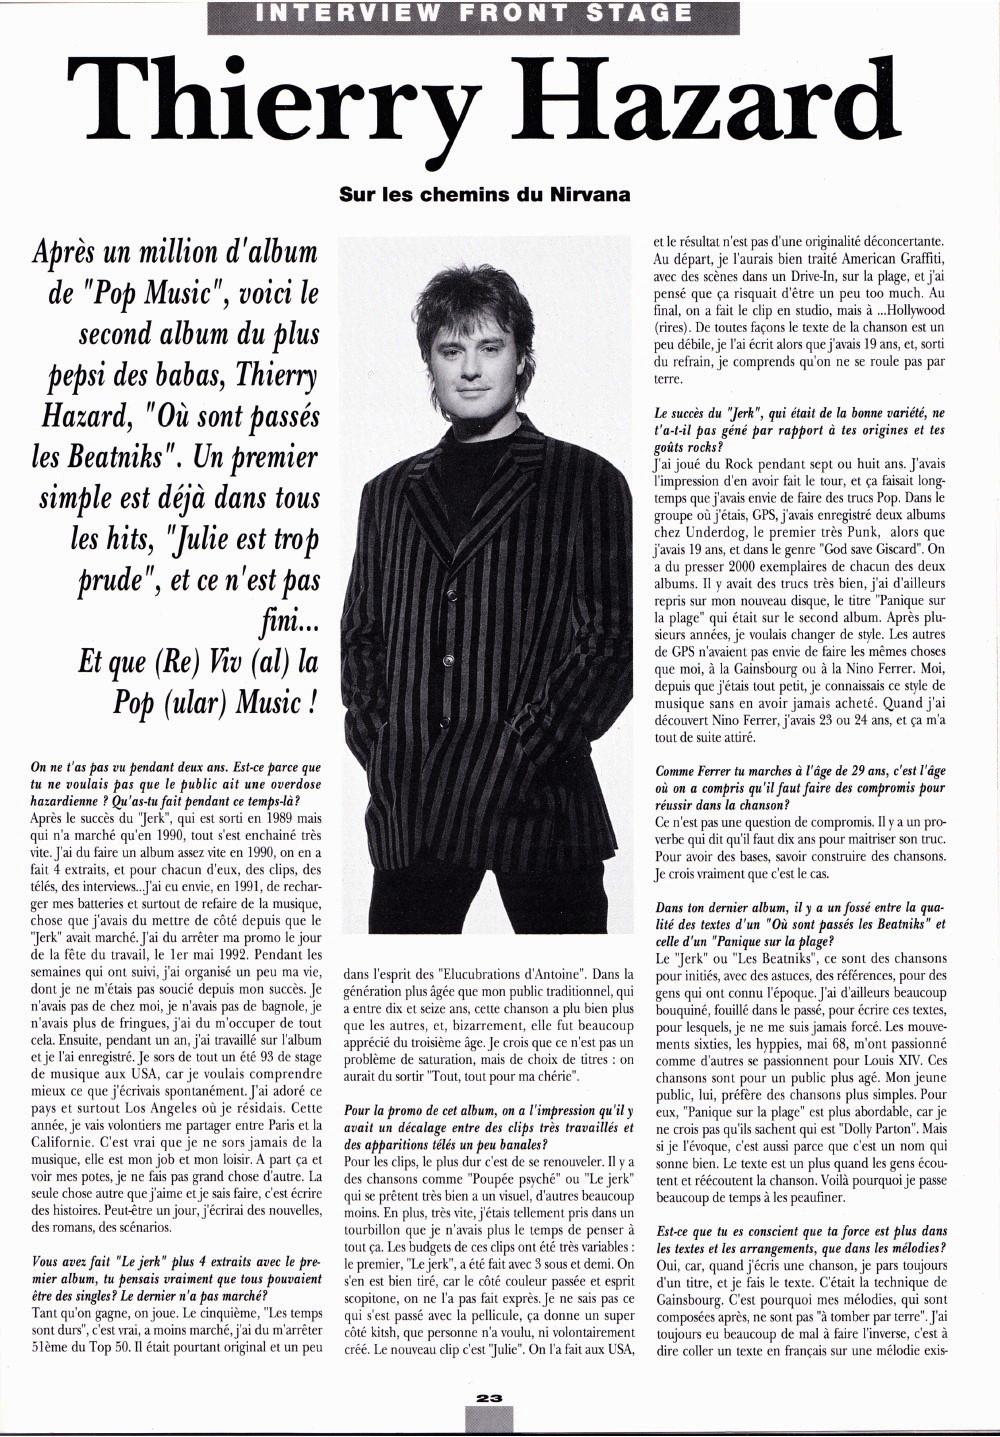 """THIERRY HAZARD (G.P.S., """"Le jerk"""") : interview 1993 dans """"Platine"""" (par Christophe Daniel & Jean-Pierre Pasqualini) 16011111424920773813888359"""